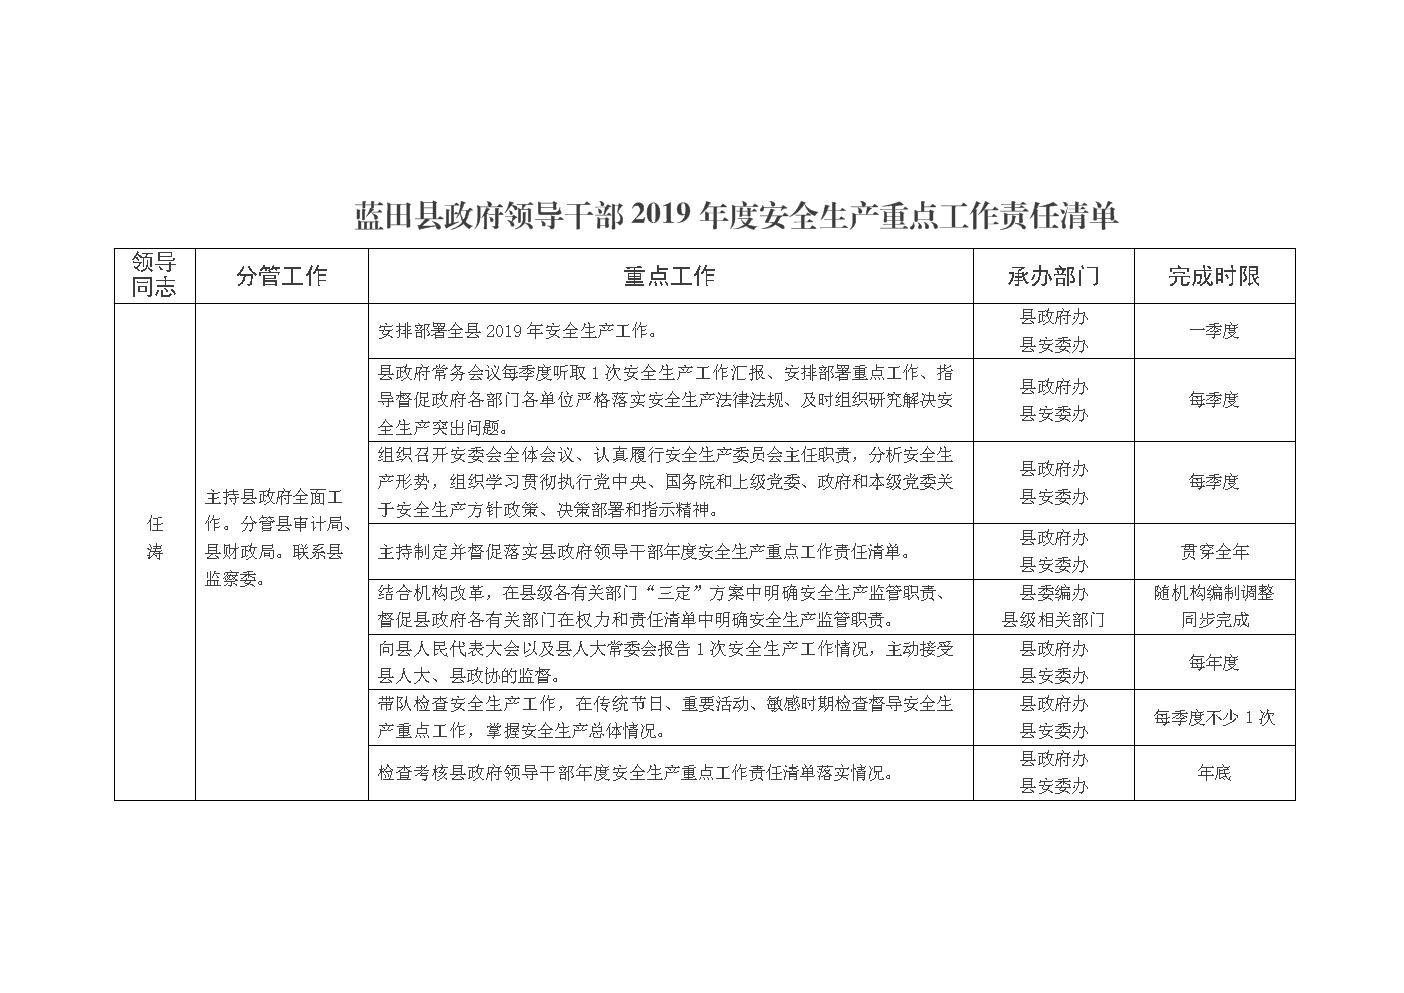 蓝田县政府领导干部2019年度安全生产重点工作责任清单.doc